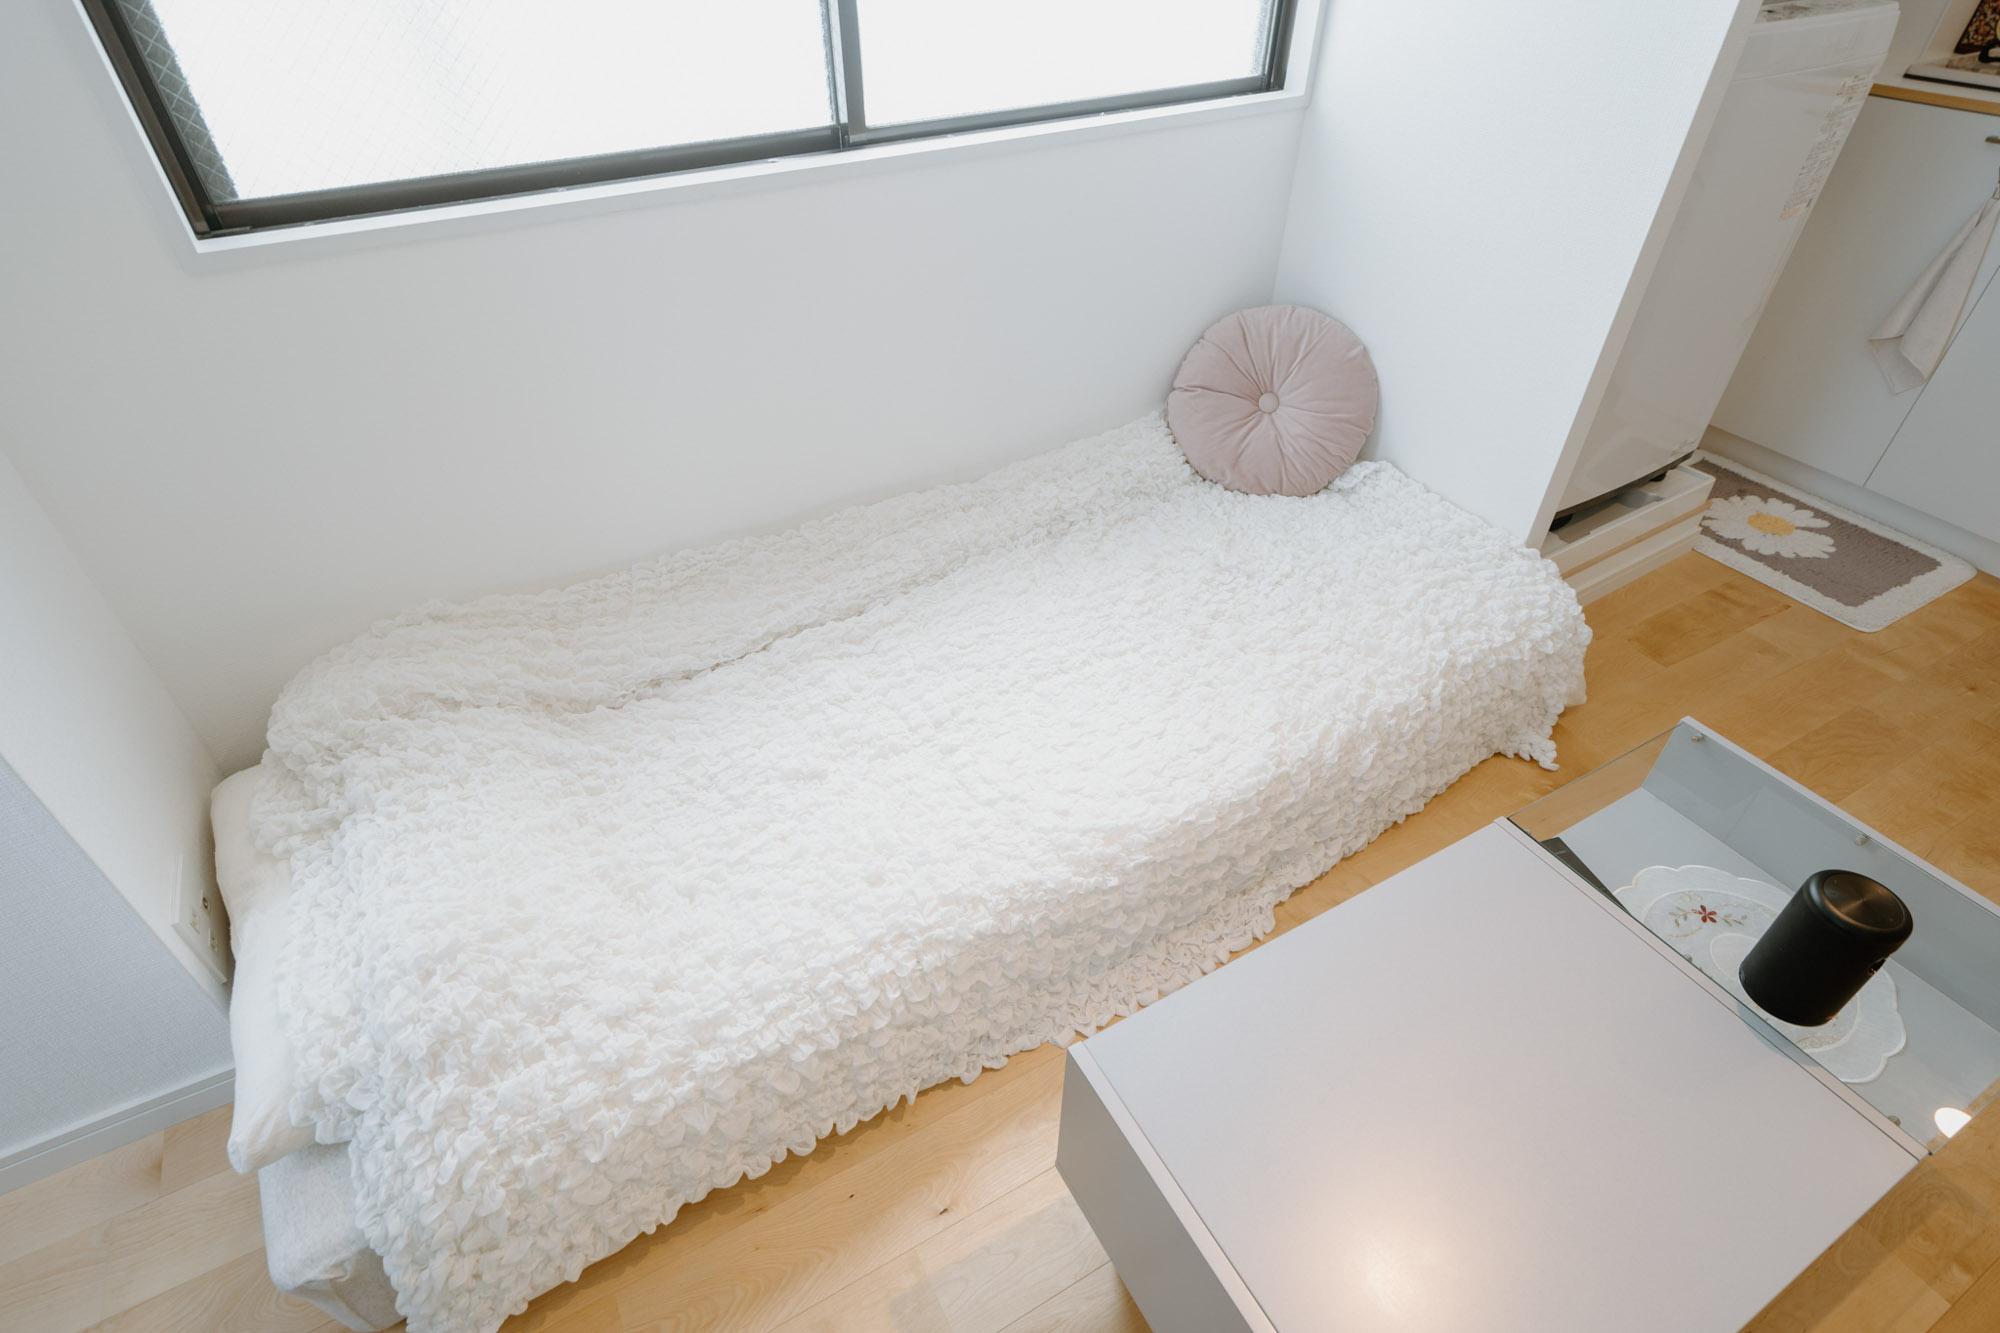 窓辺のスペースにぴったりサイズの、セミシングルのマットレスを置いて、日中はソファがわりに。